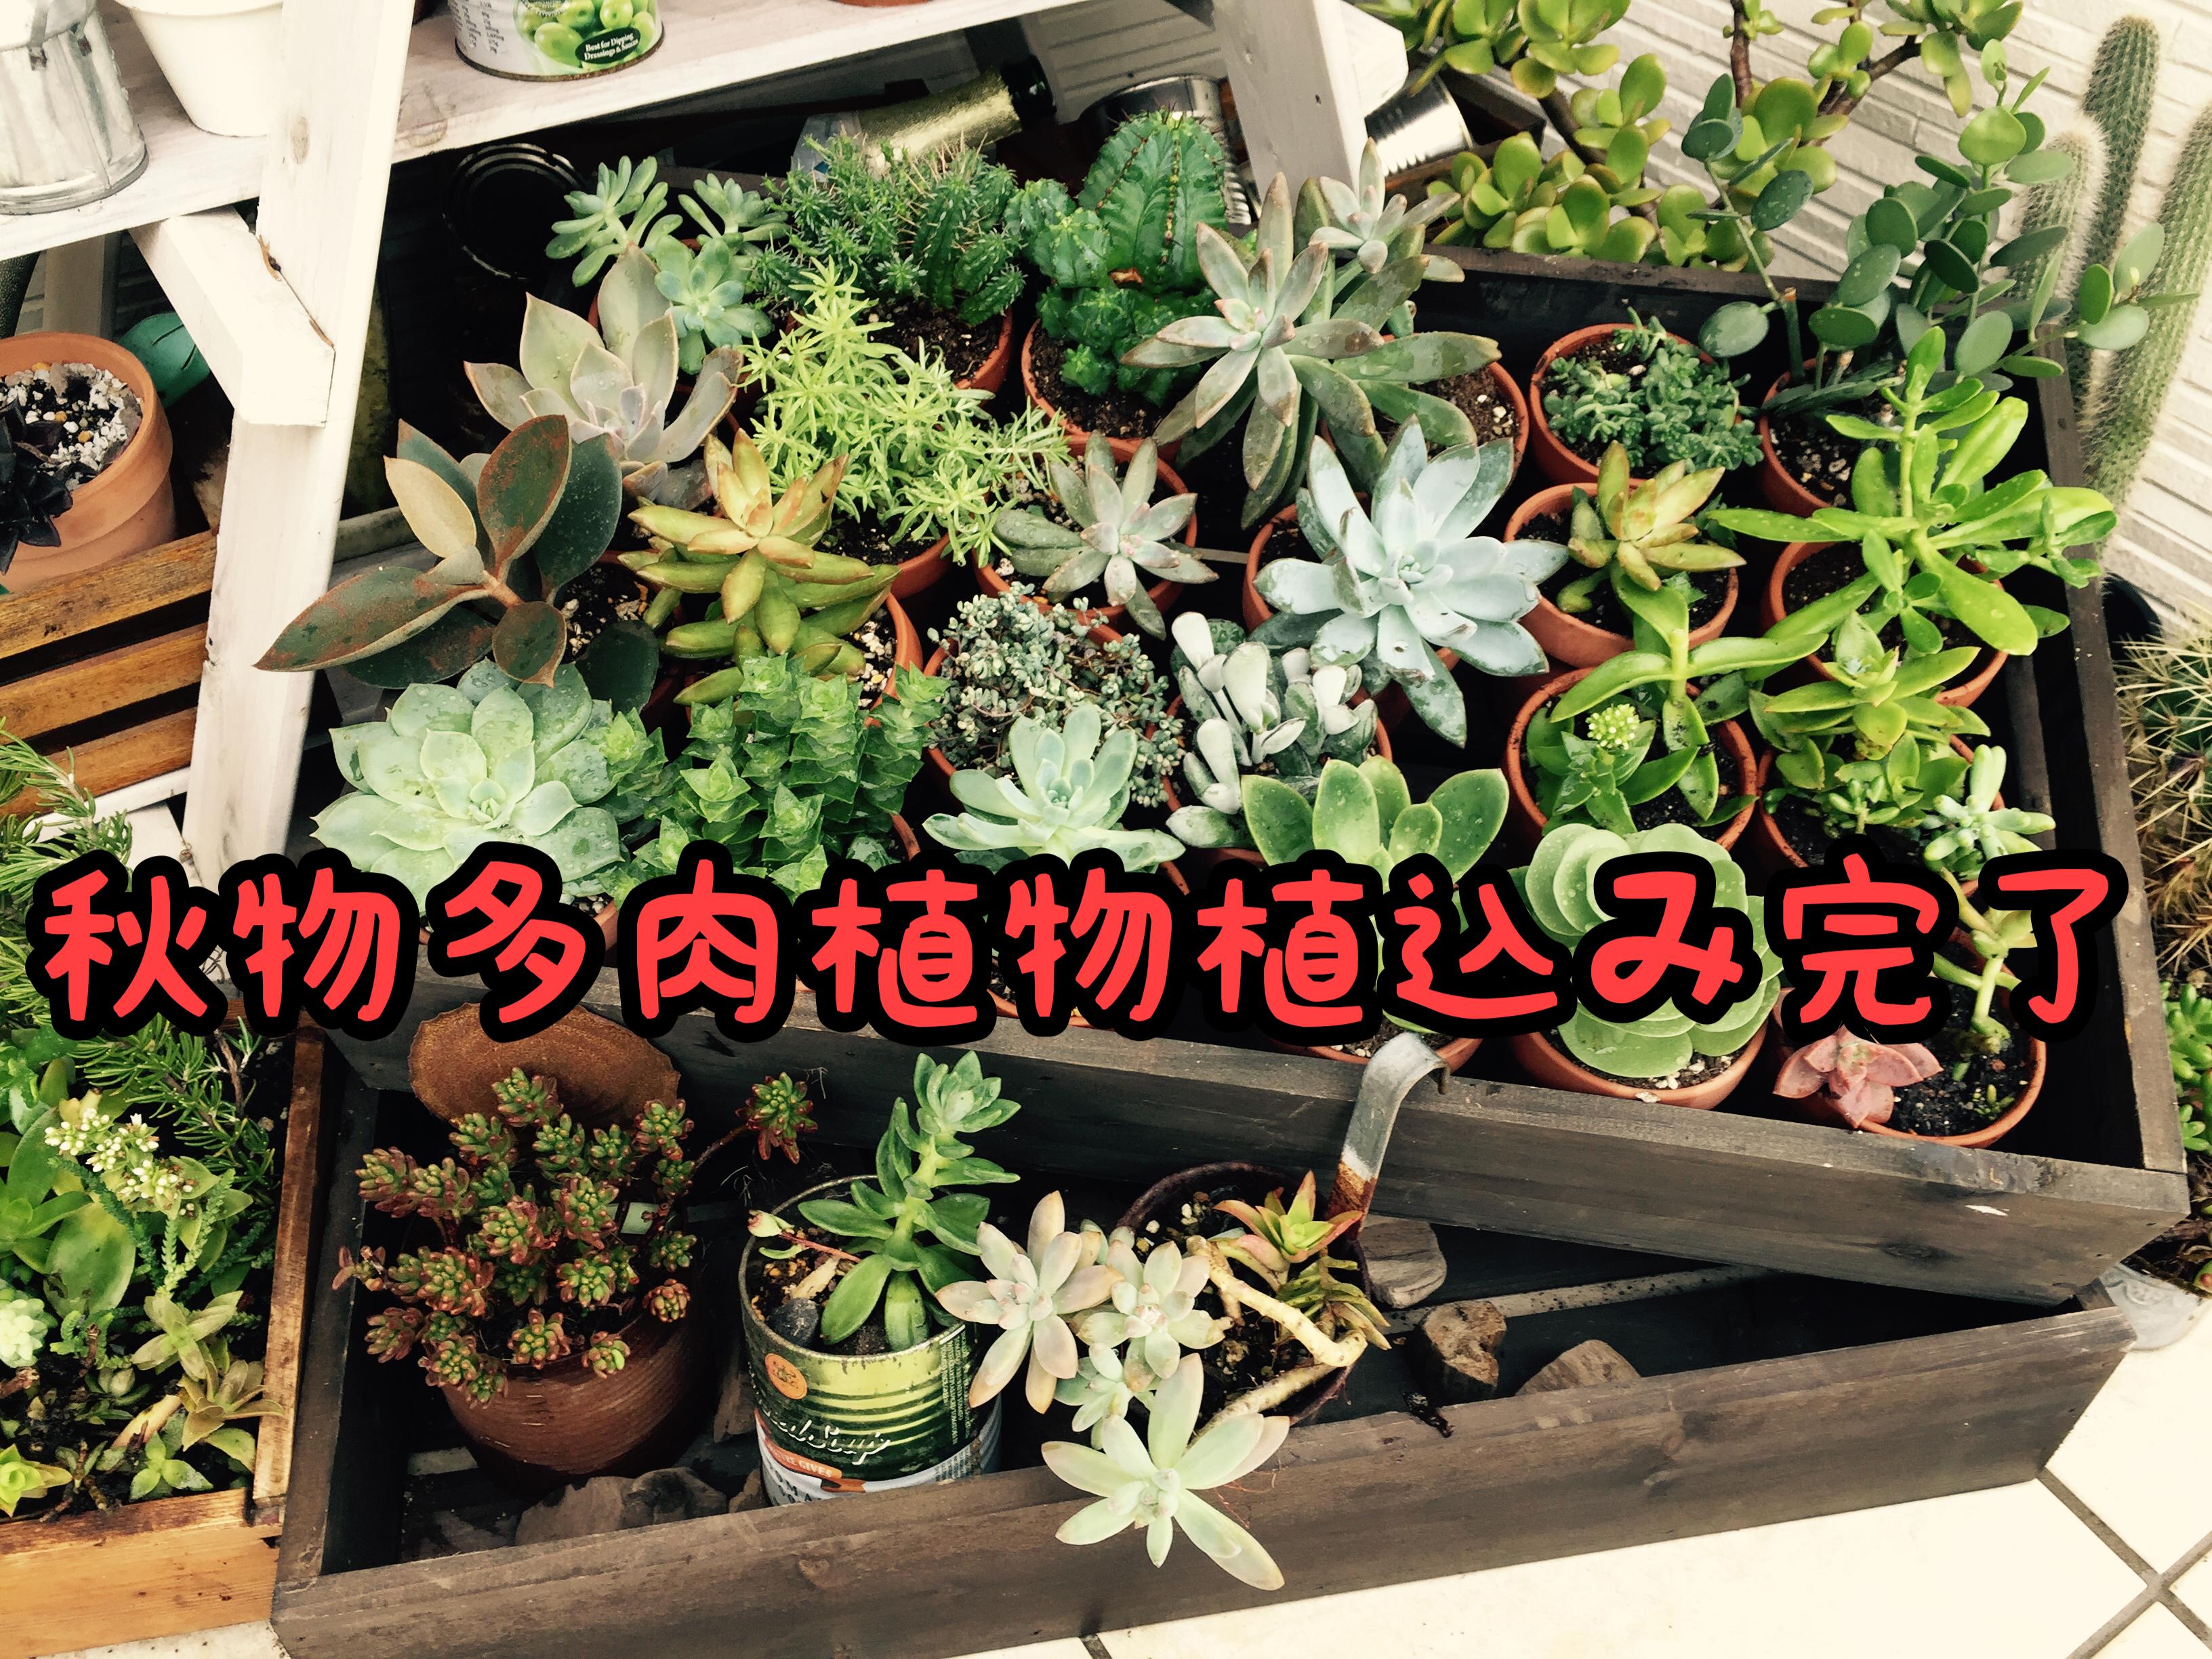 【リニューアル】先日仕入れた多肉植物を植込みました。Age玄関が統一感アップ!